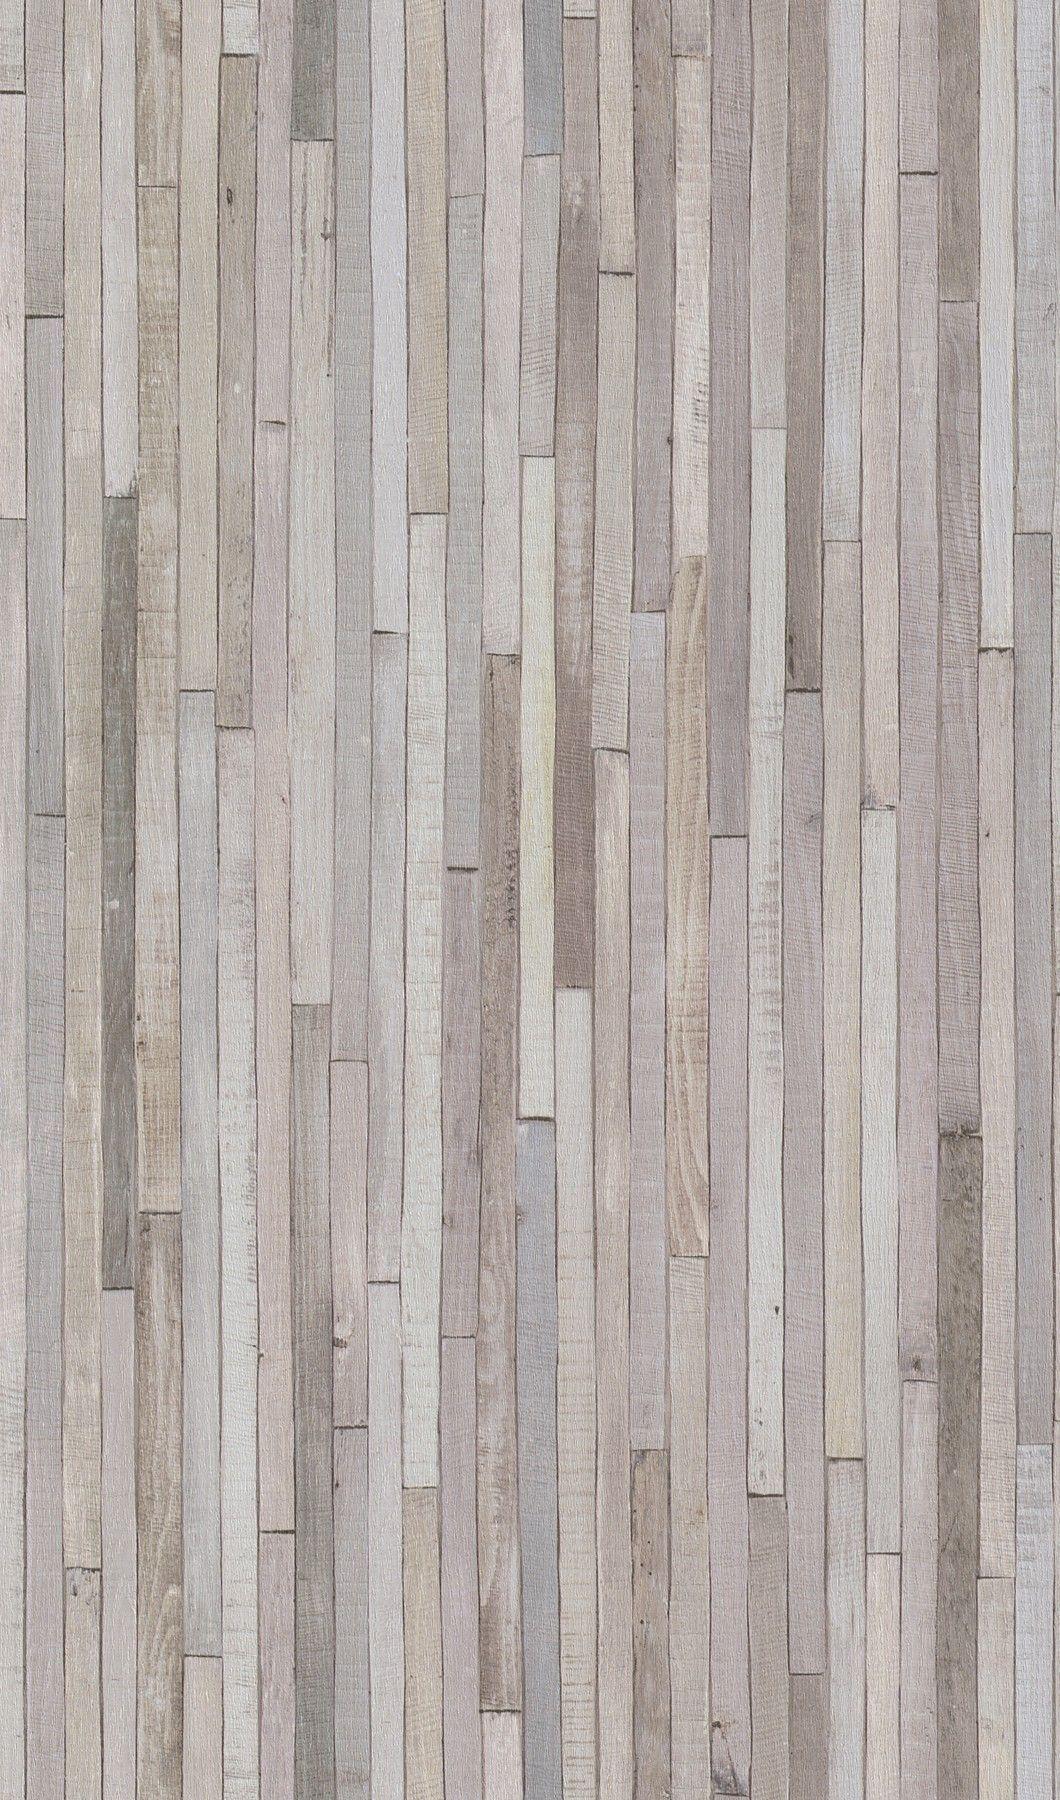 Papel pintado imitaci n madera ideal para hacer de tus - Papel imitacion madera ...